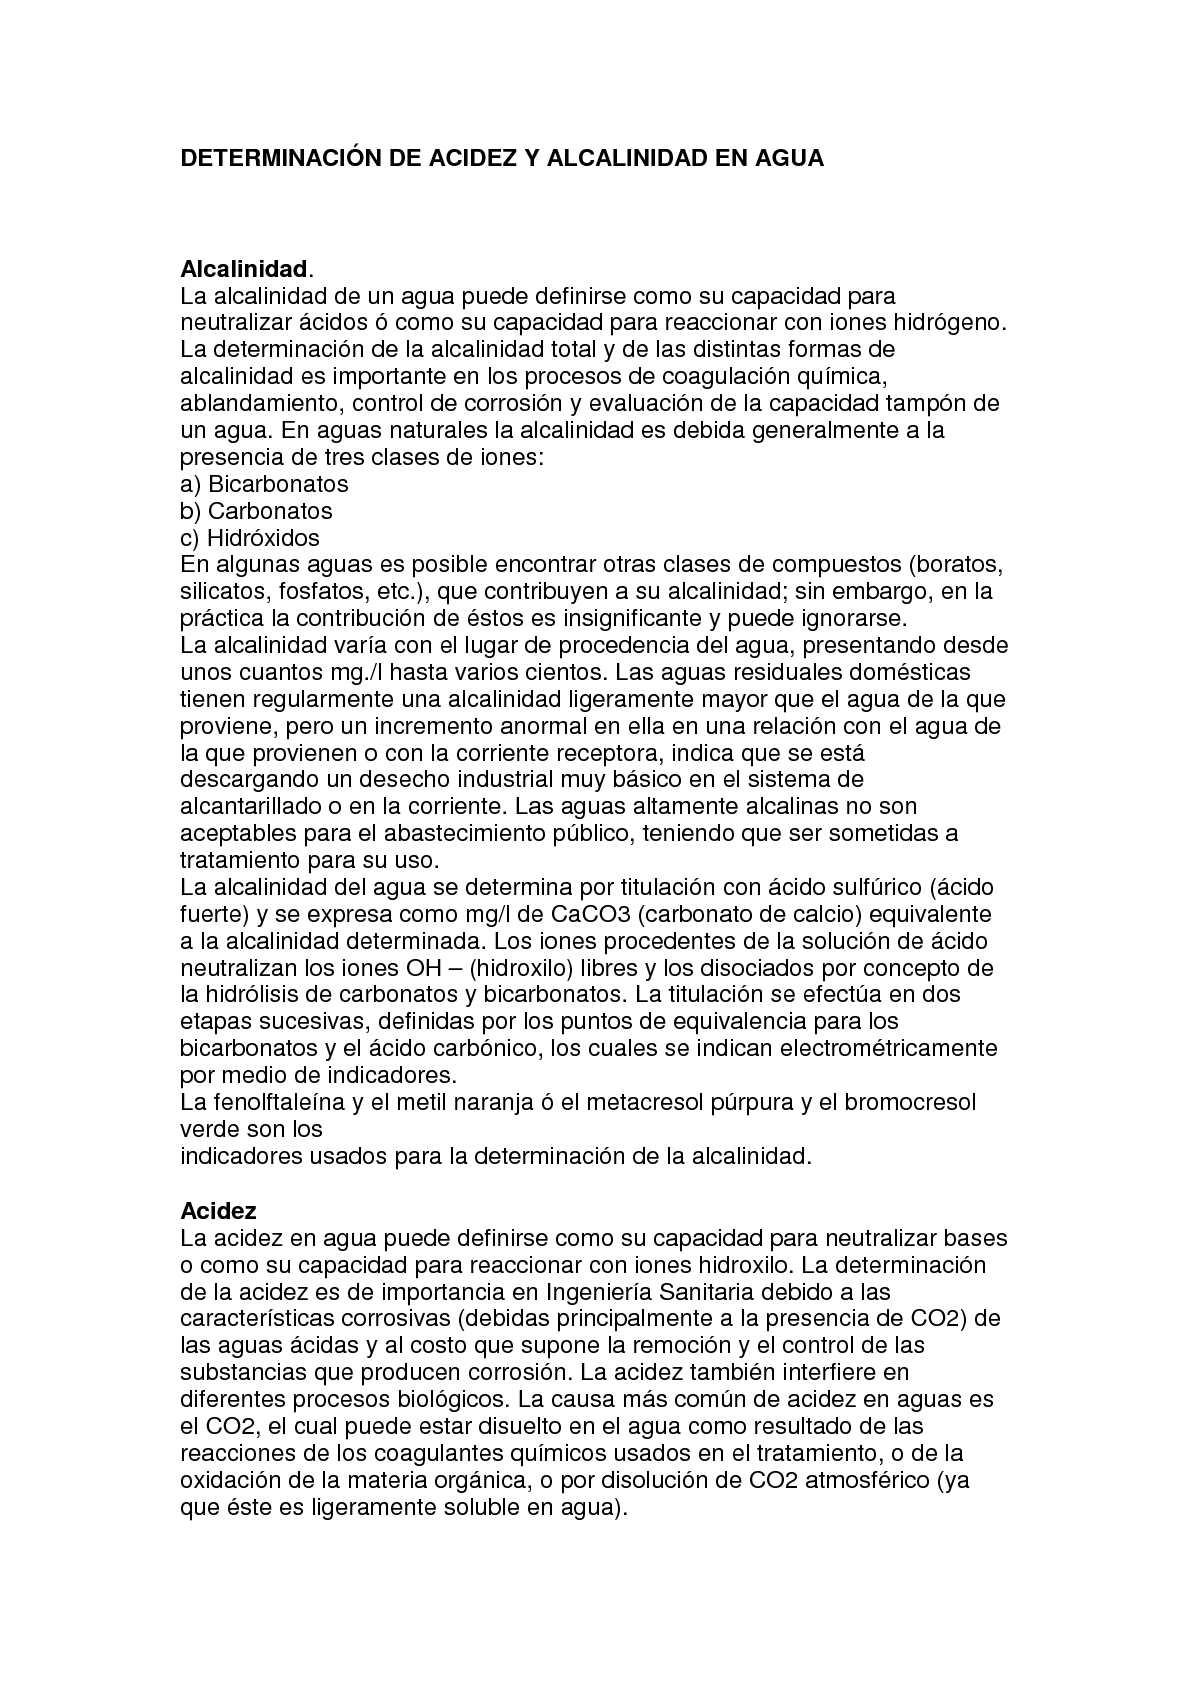 DETERMINACION DE ACIDEZ Y ALCALINIDAD EN AGUA